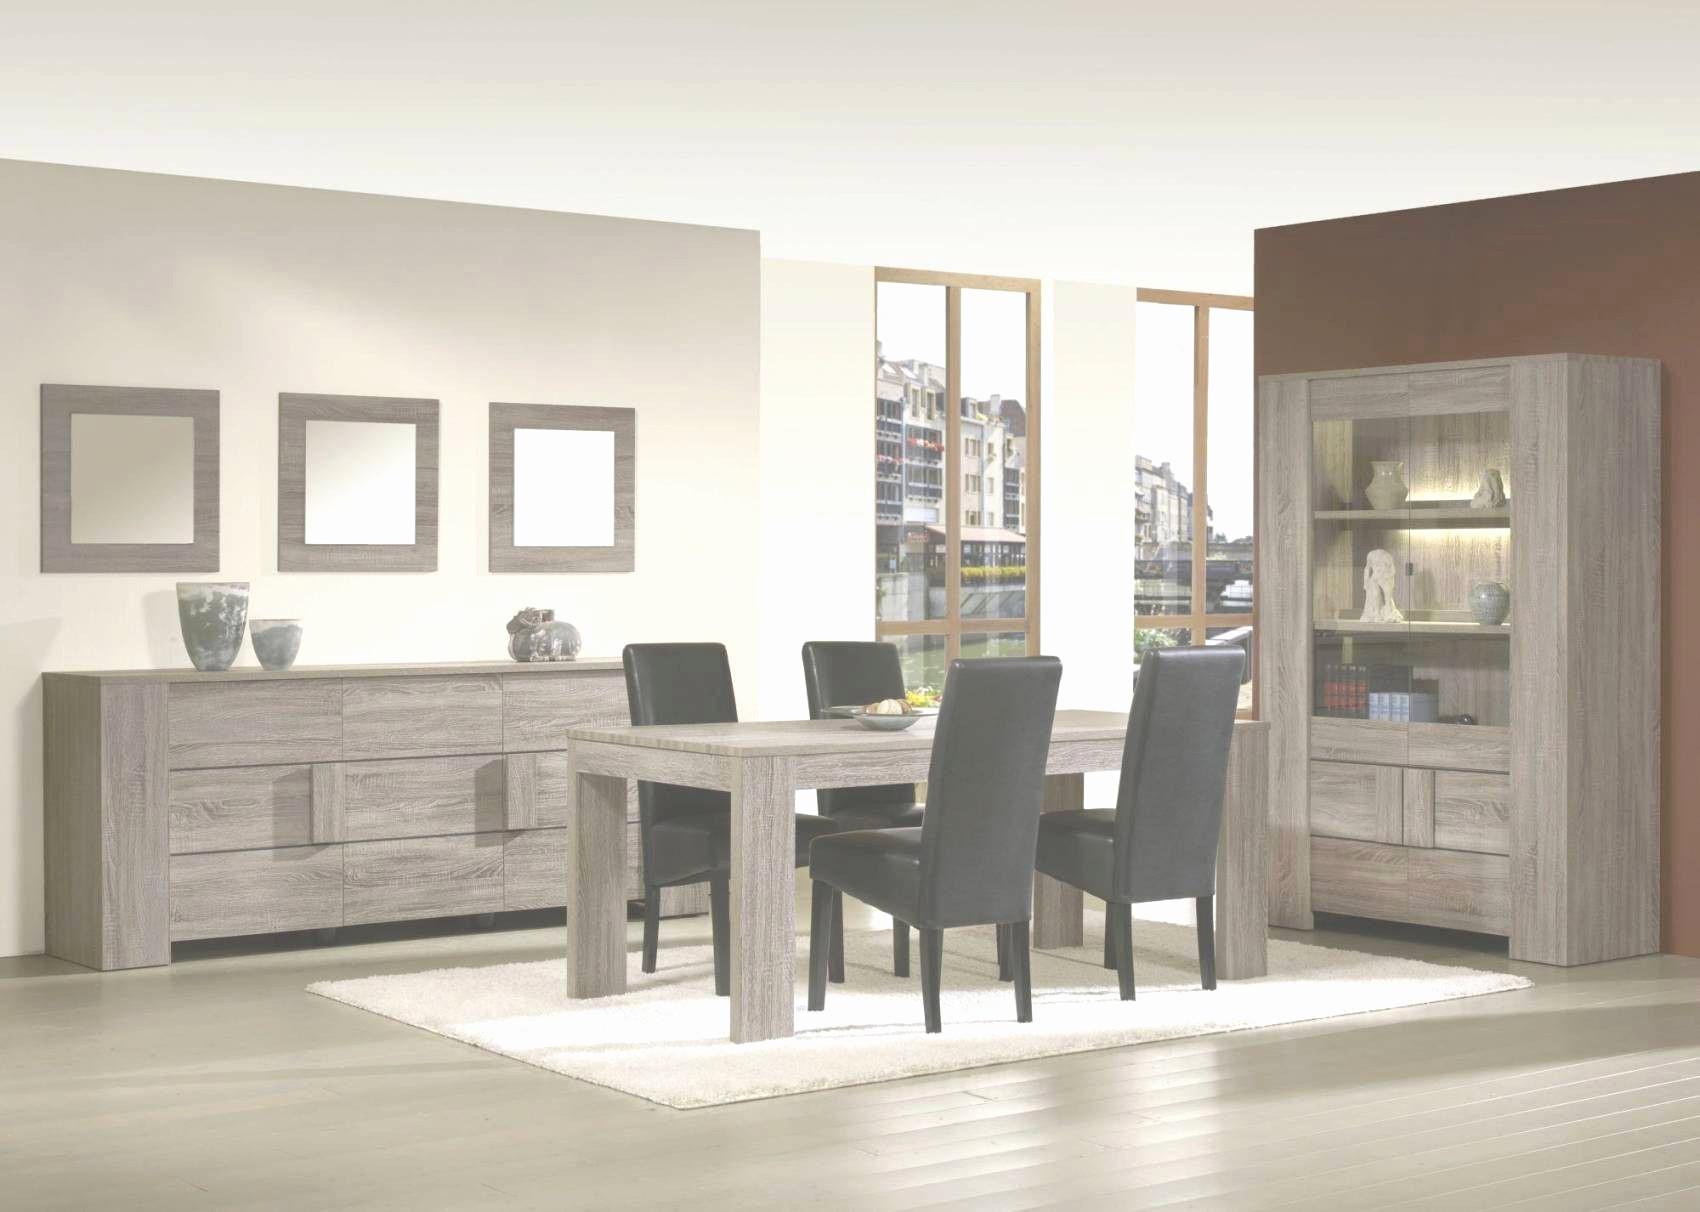 magasin meuble design magasin de meuble dijon meubles mercier luxe magasin meuble dijon of magasin meuble design